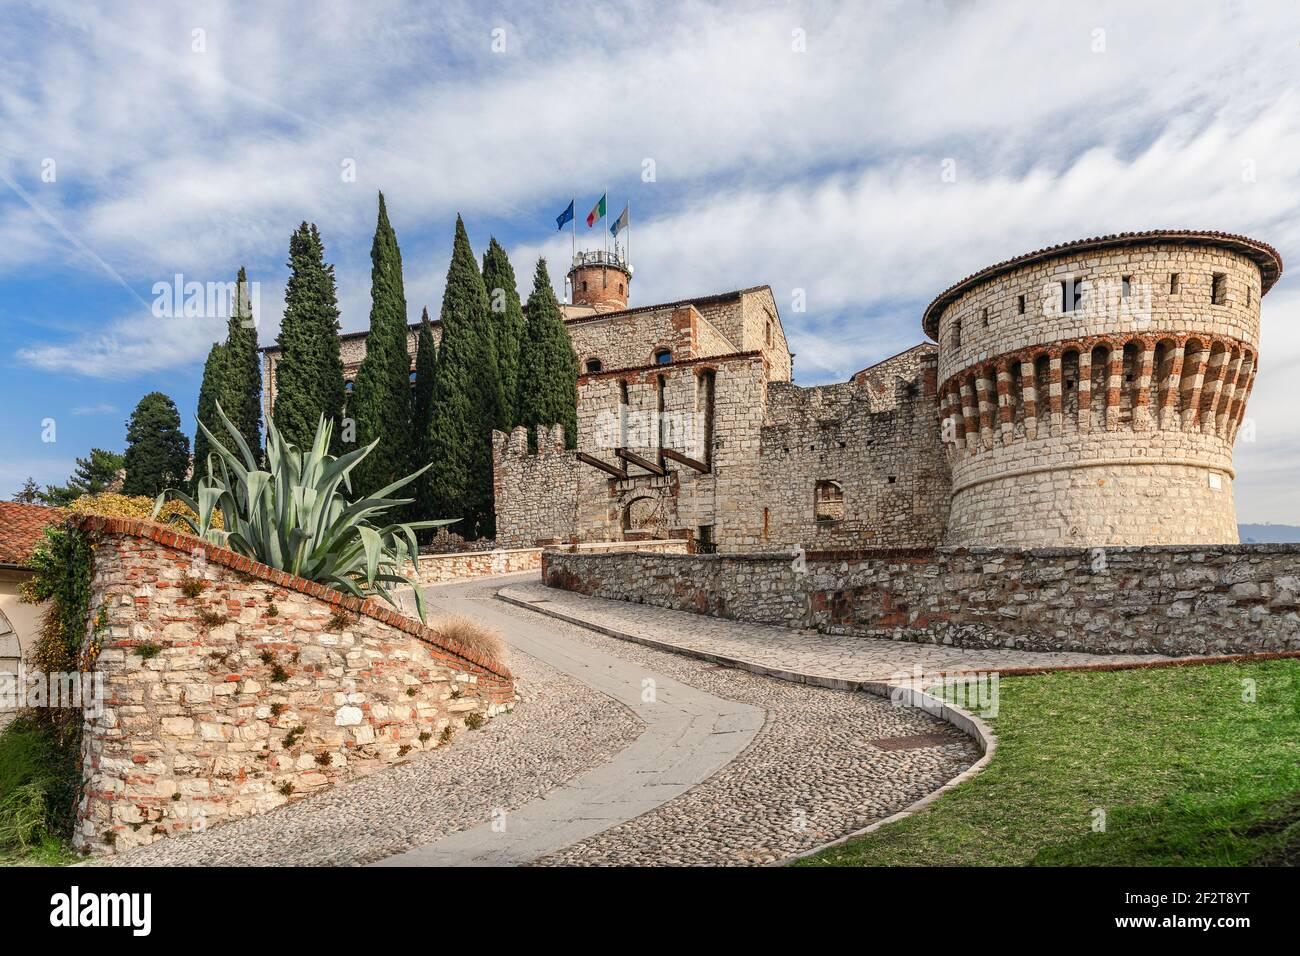 Castello Di Brescia Immagini E Fotos Stock Alamy